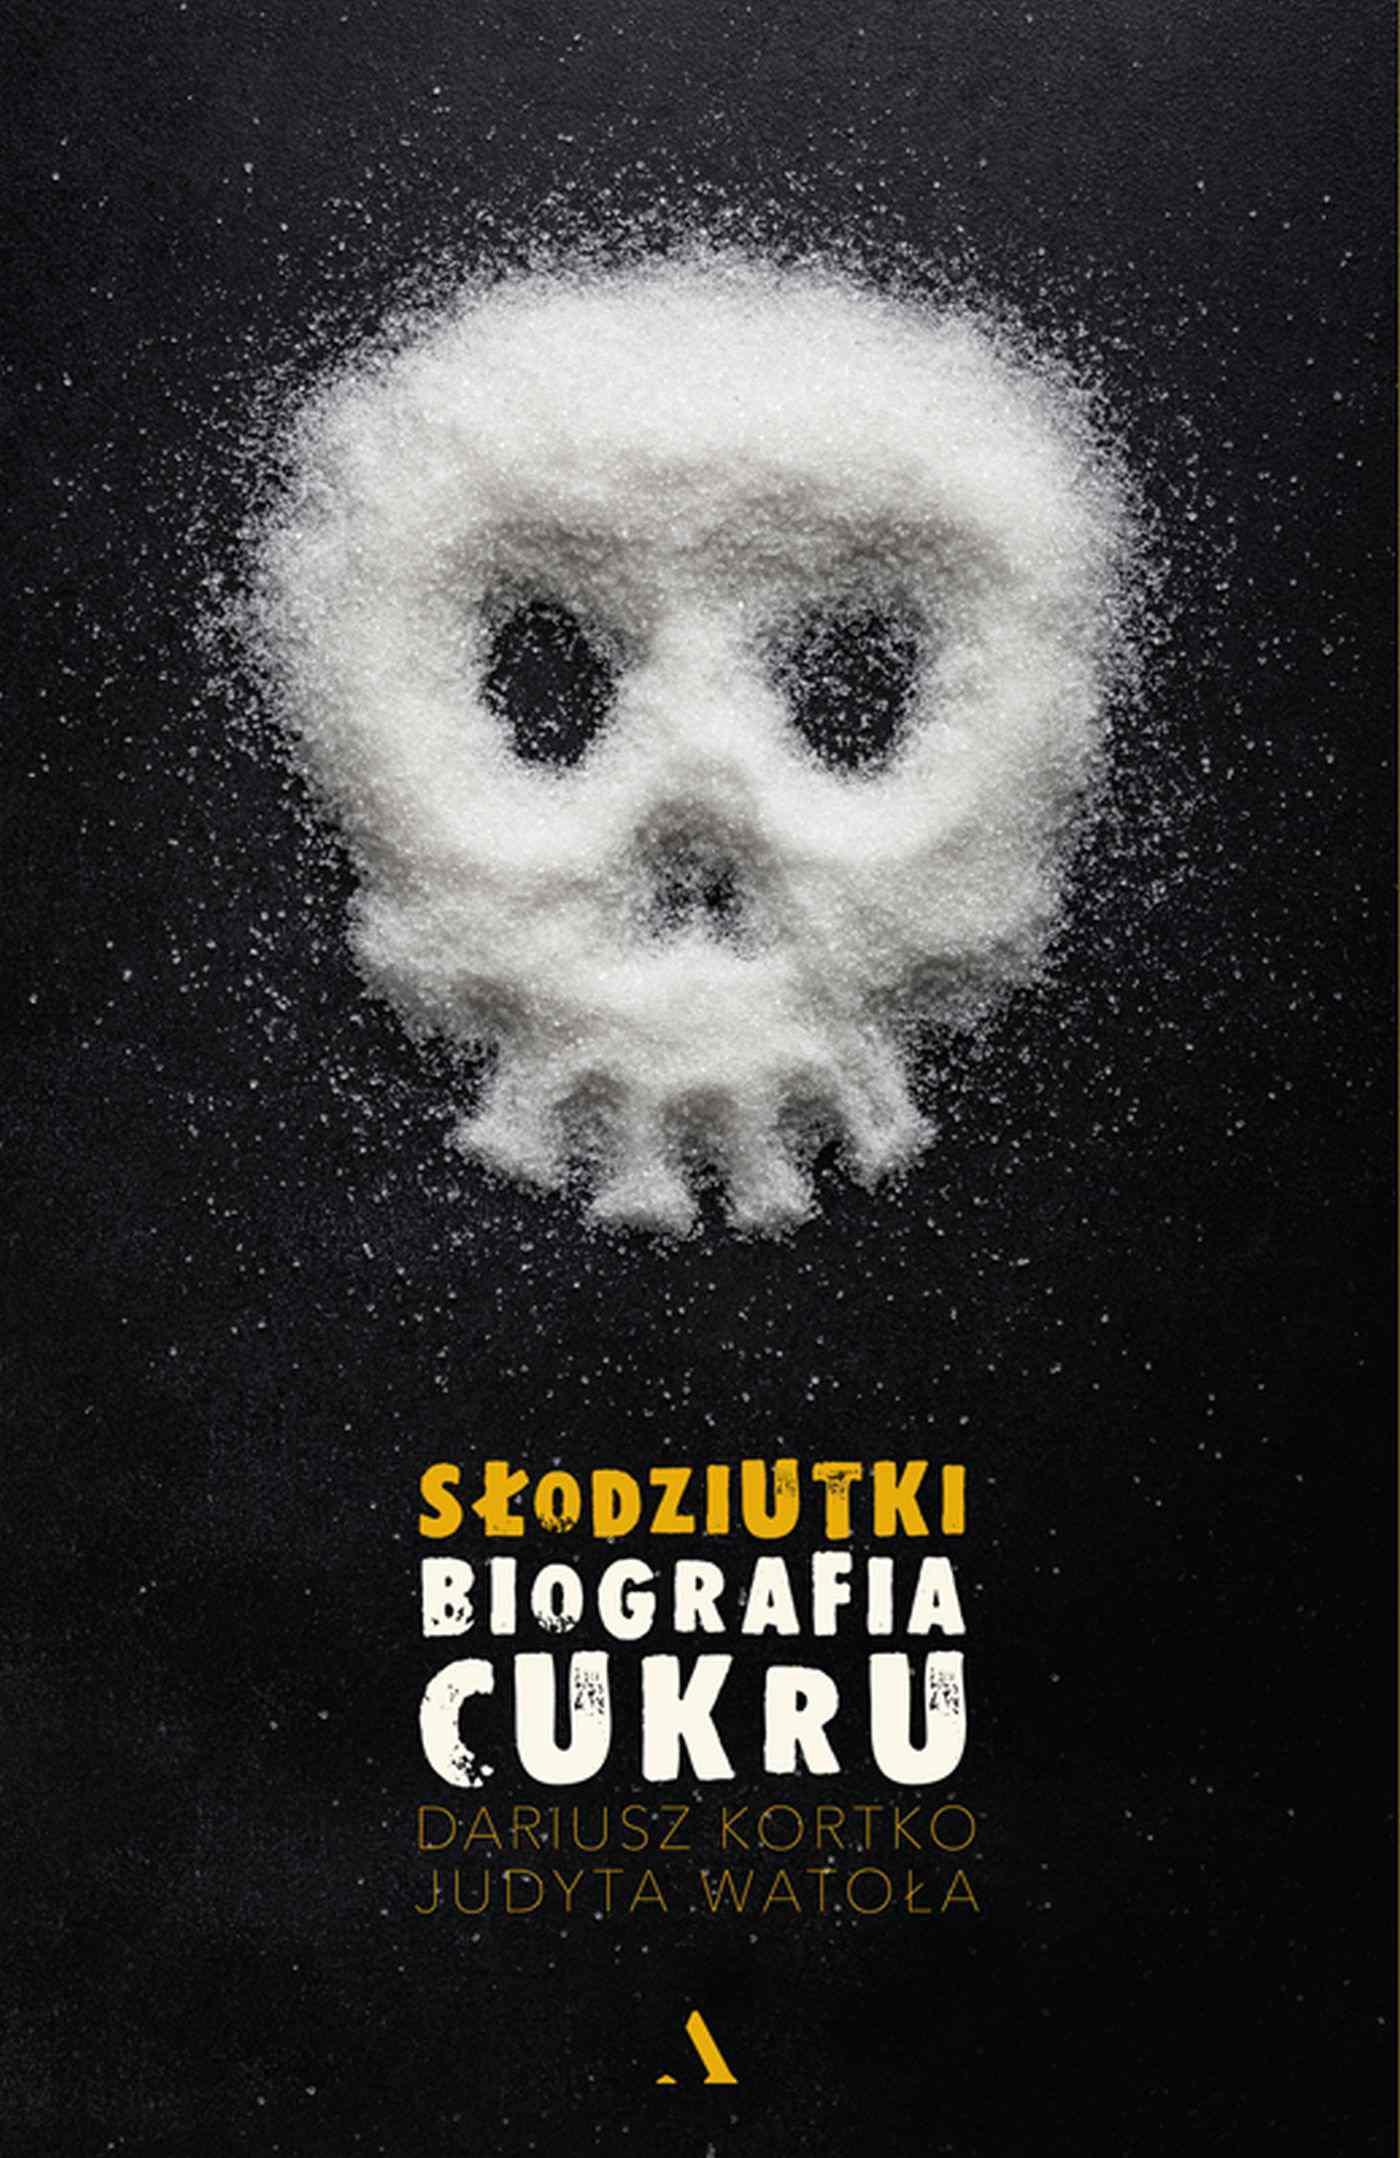 Słodziutki. Biografia cukru - Ebook (Książka na Kindle) do pobrania w formacie MOBI